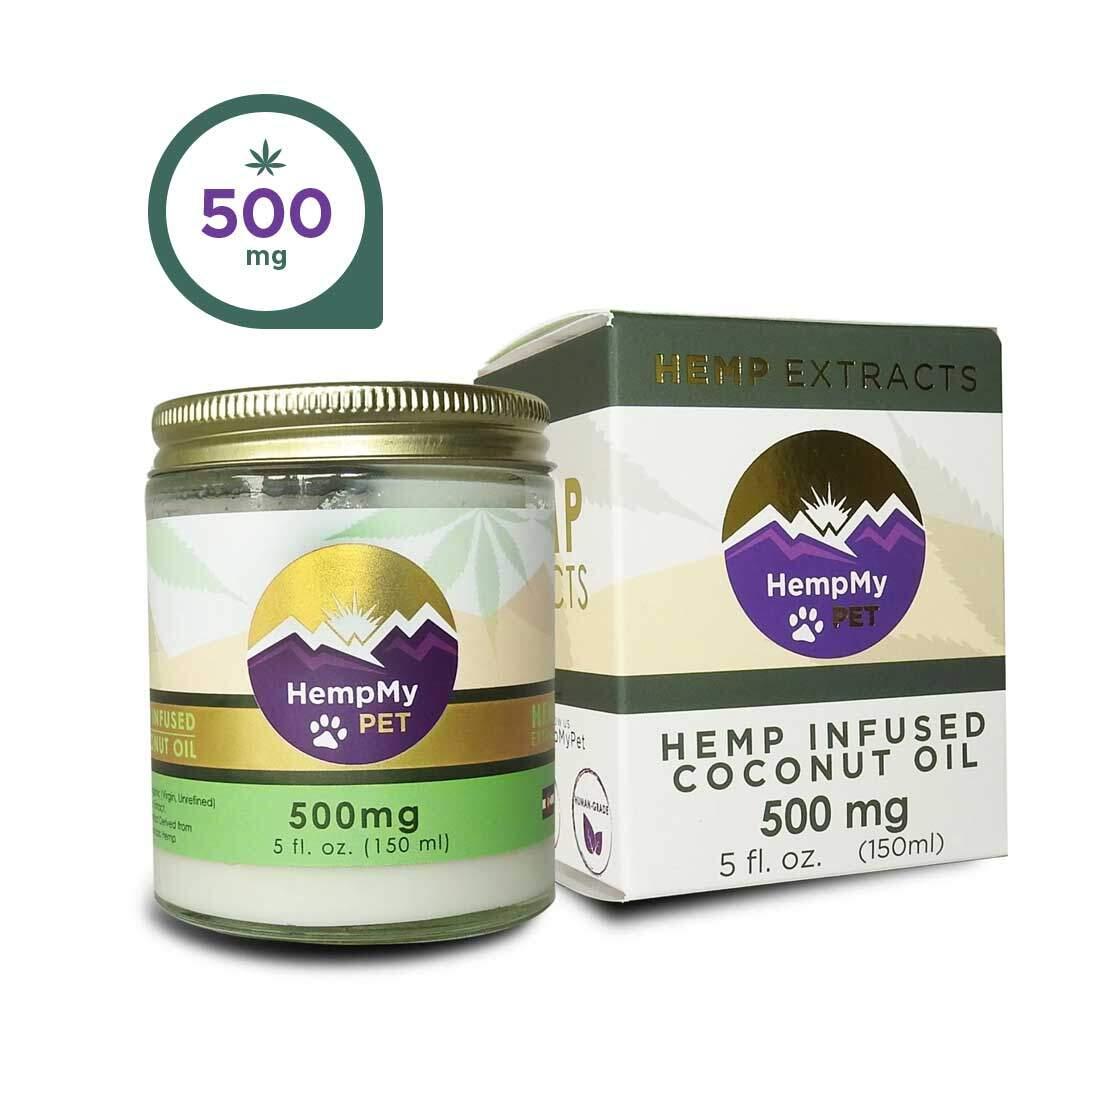 Hemp Infused Organic Coconut Oil - 500mg CBD (5 fl. oz jar)